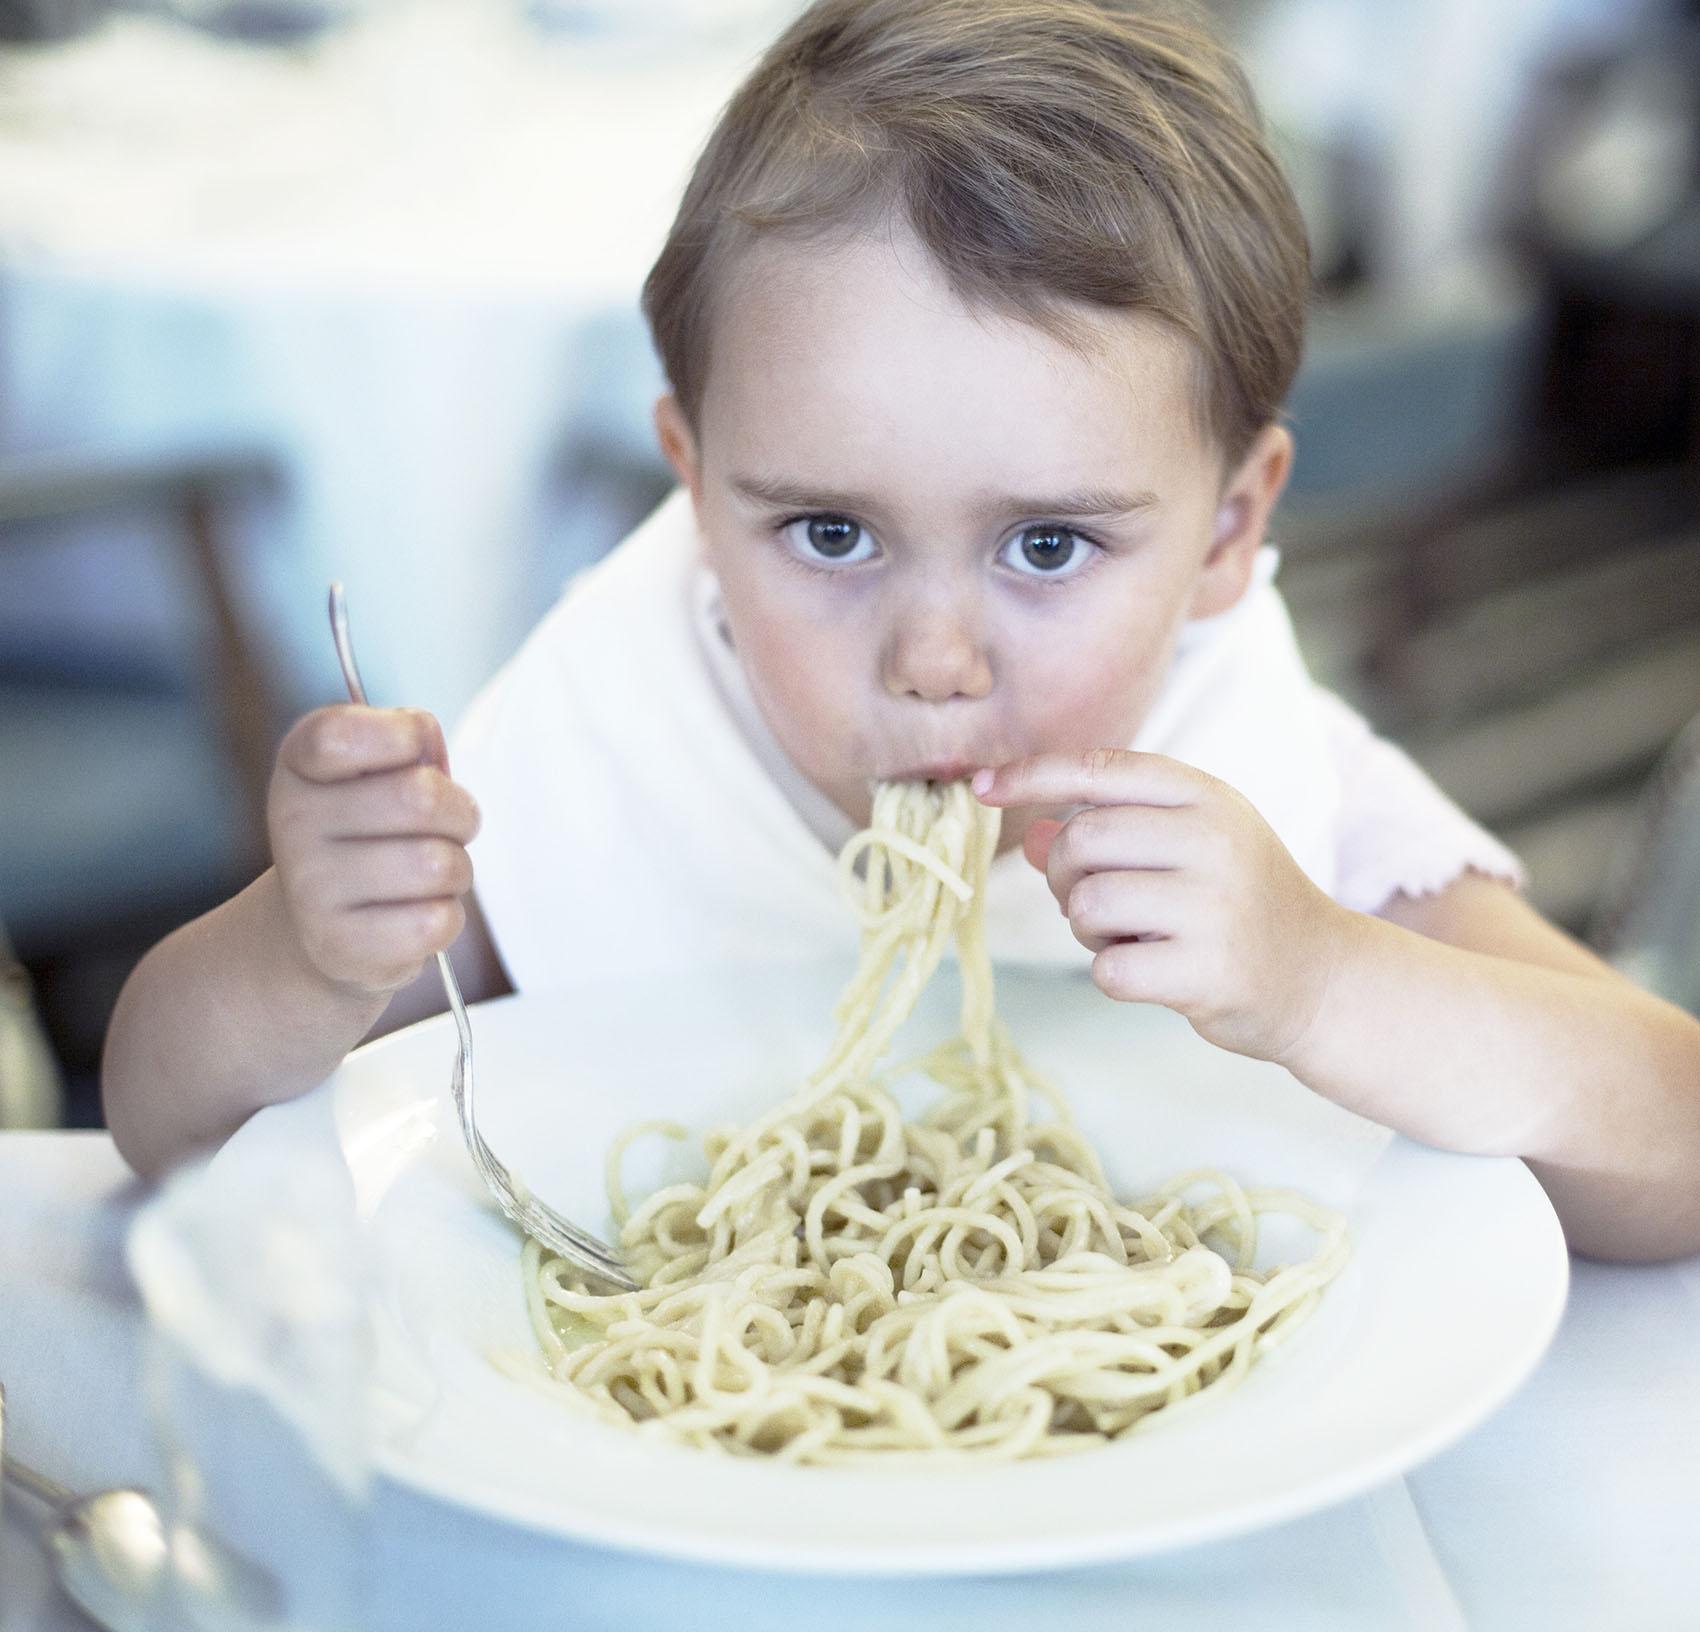 Tuo figlio mangia solo pasta in bianco cosa fare starbene for Marchi di pasta da non mangiare